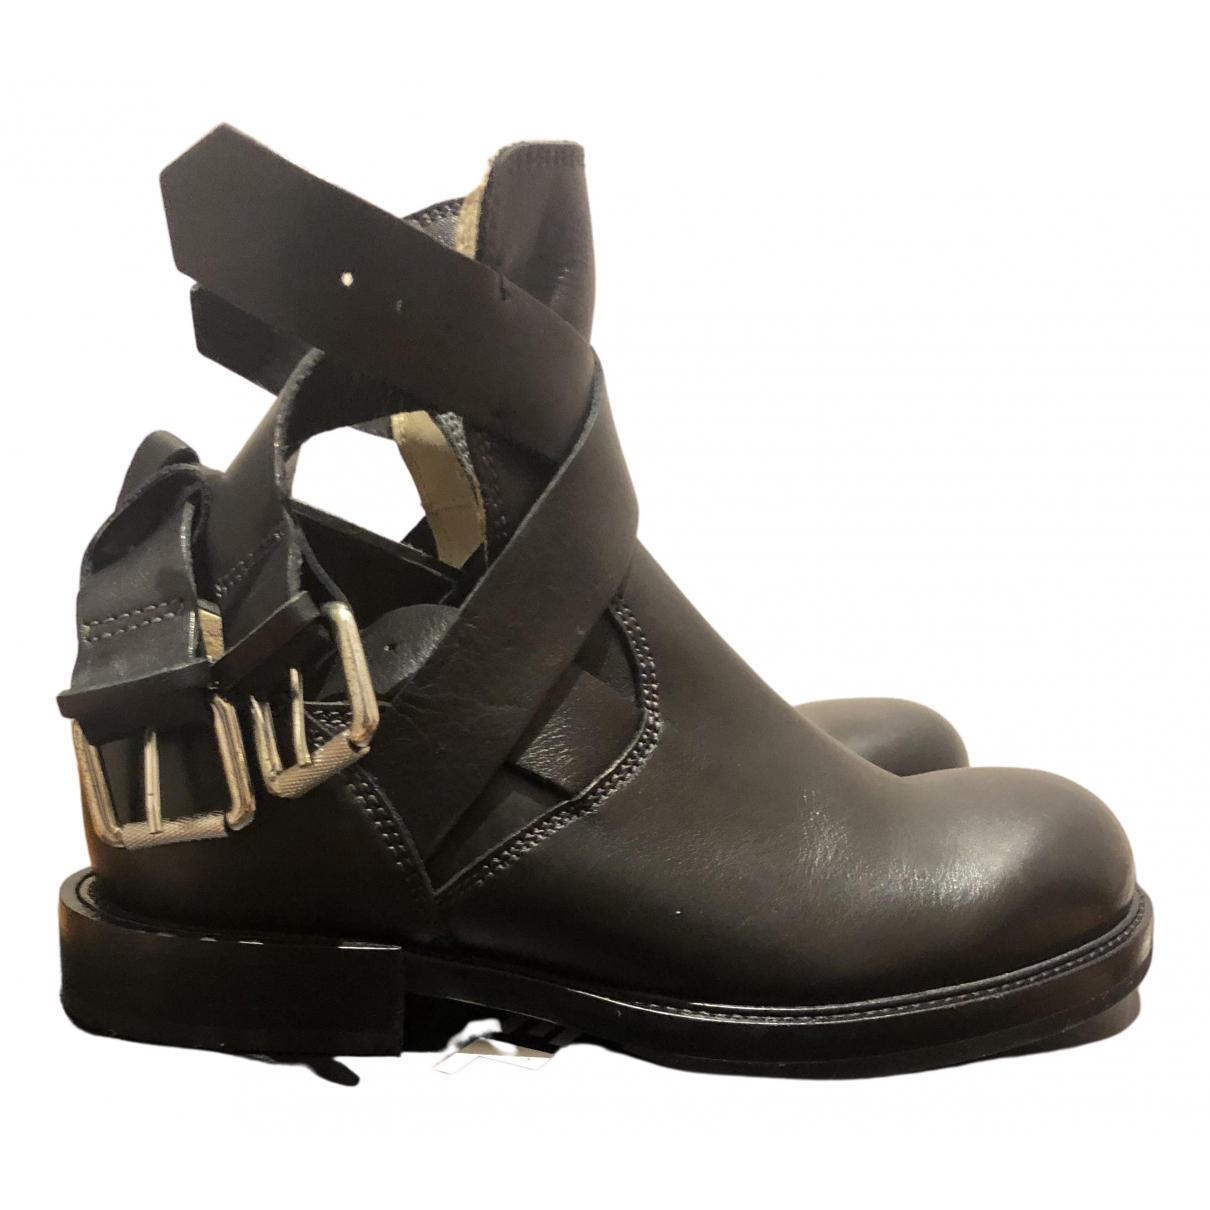 Diesel - Bottes   pour femme en cuir - noir